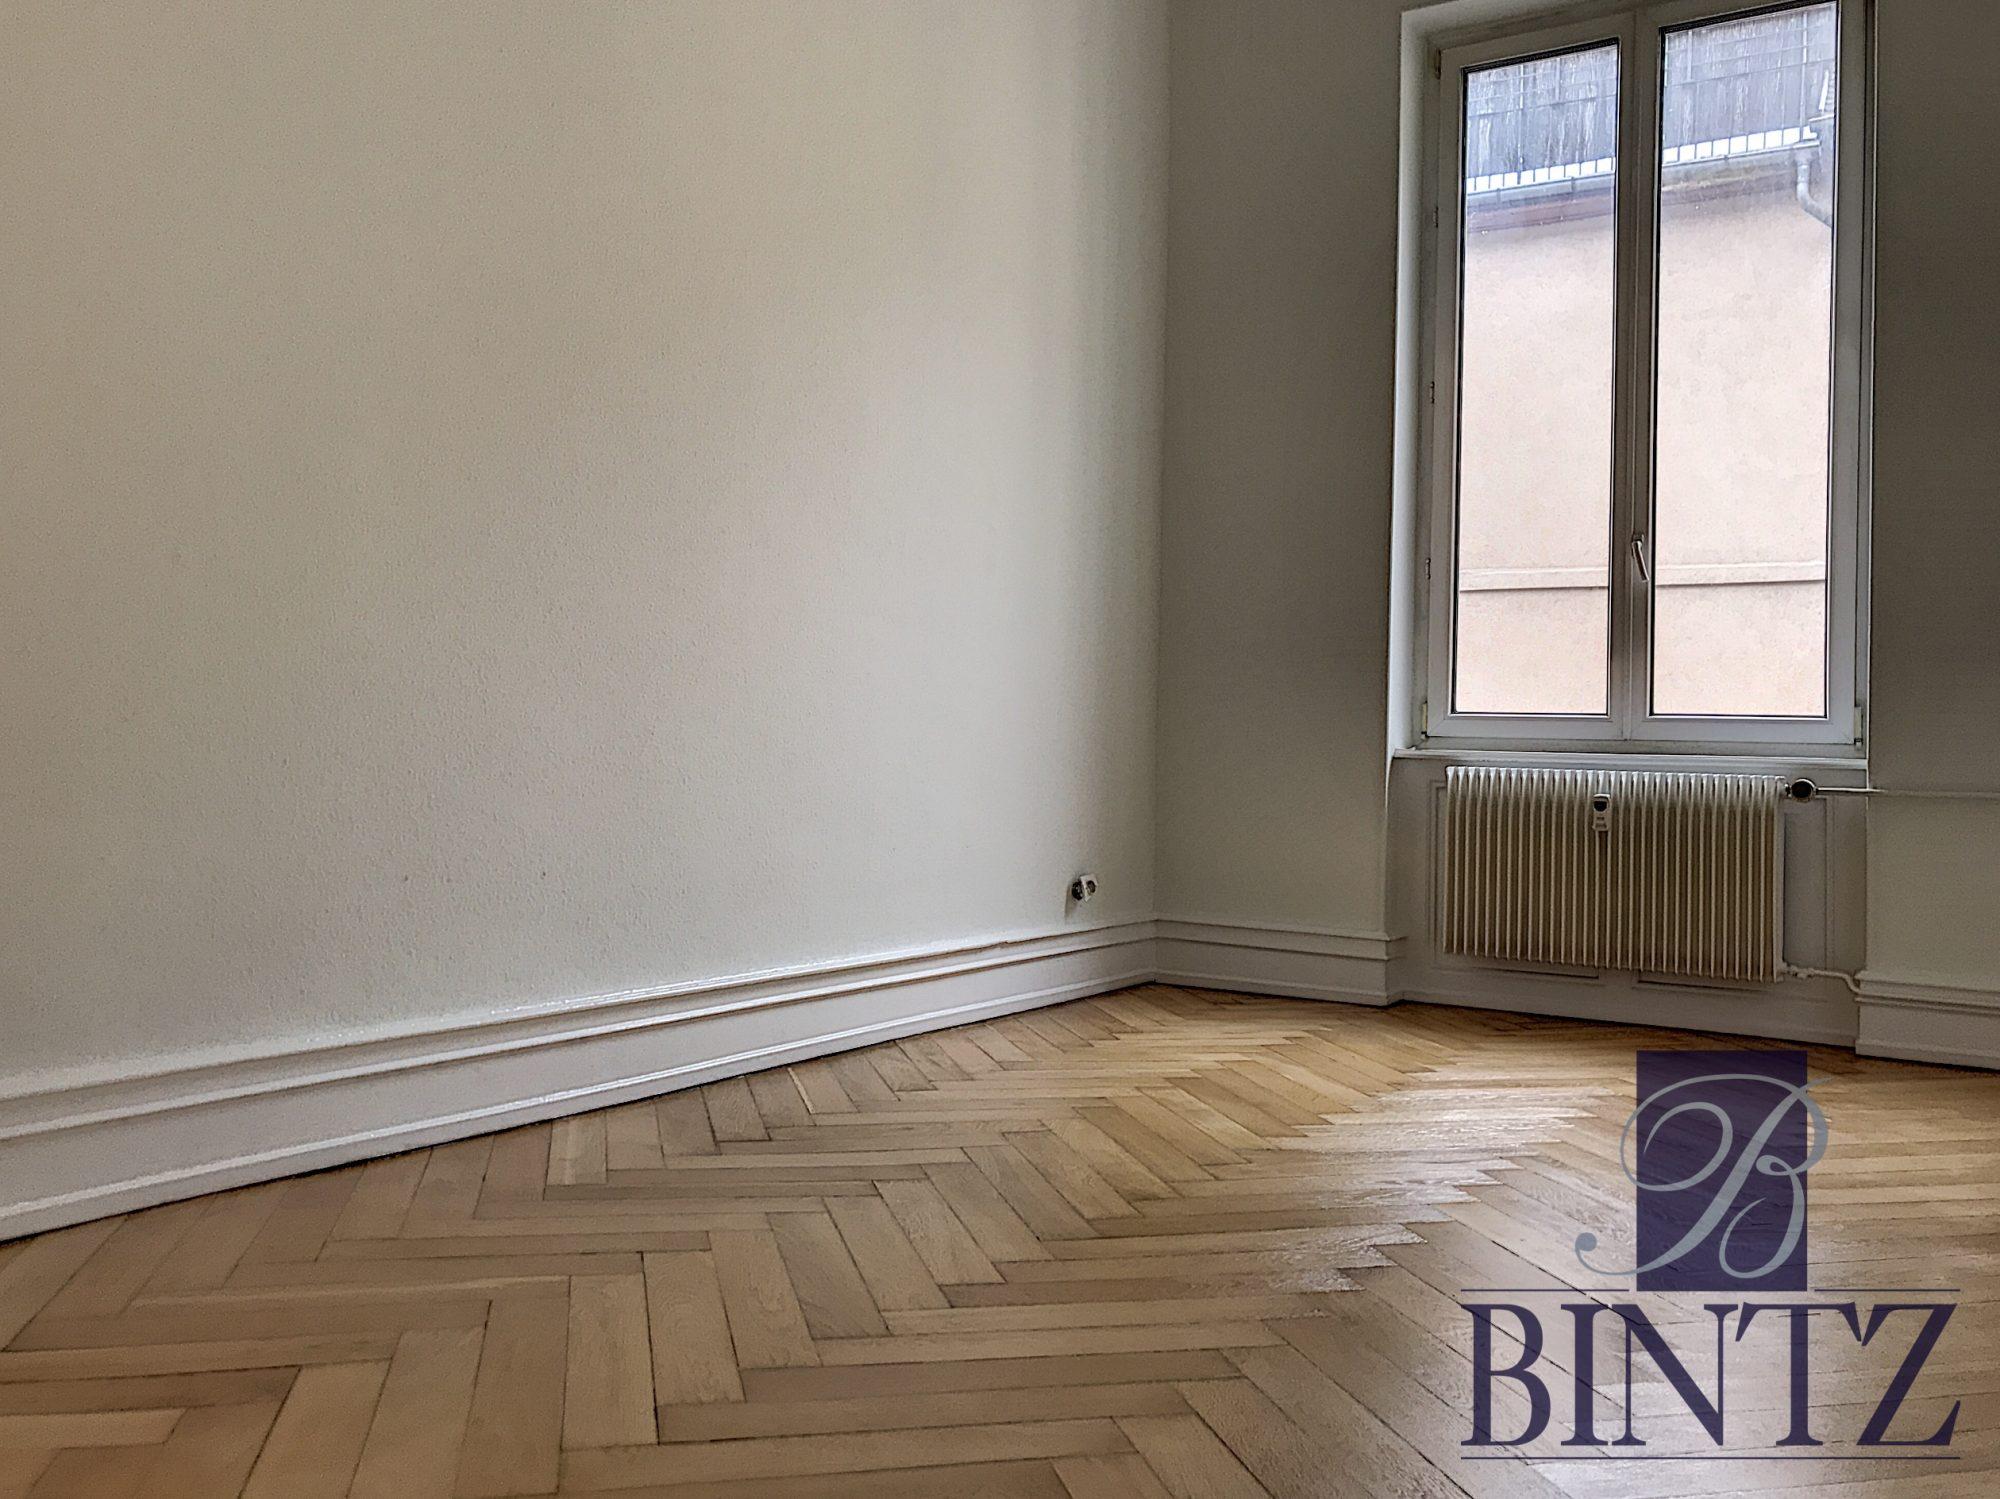 BEAU 3 PIÈCES SECTEUR FORET NOIRE - Devenez locataire en toute sérénité - Bintz Immobilier - 5